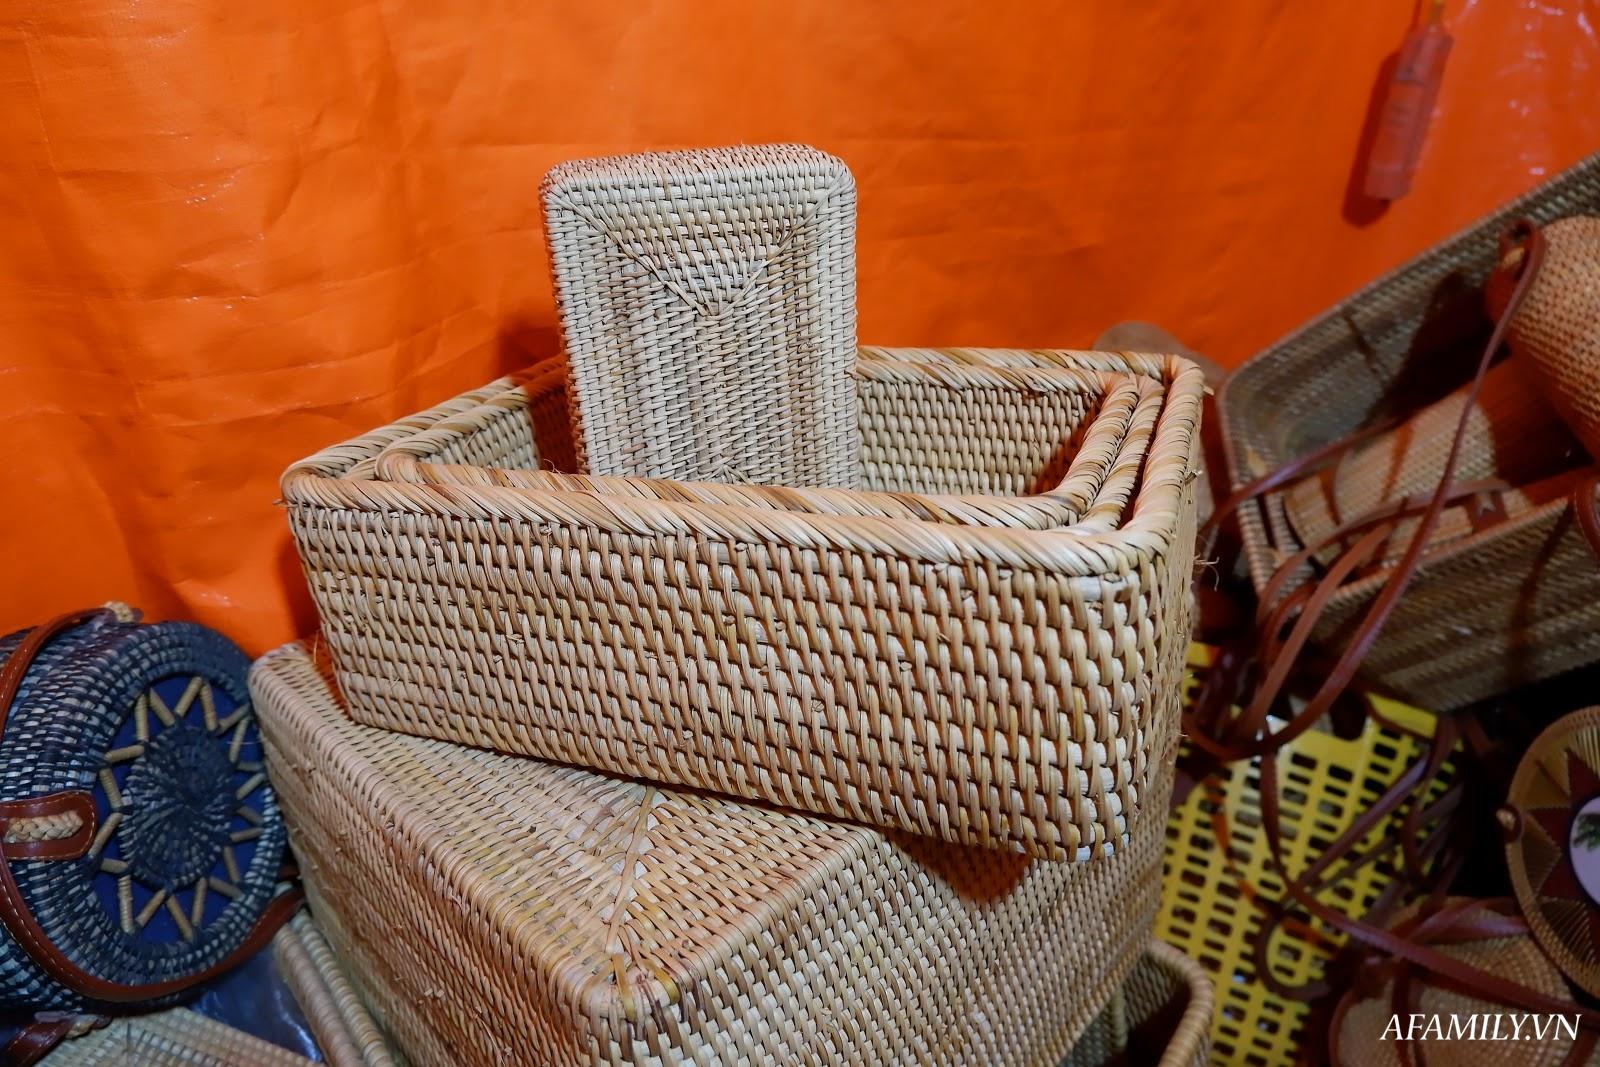 Bỏ công sức một chút ra ngoại thành, chị em tha hồ lựa các sản phẩm mây tre đan truyền thống chất lượng, giá thành rẻ hơn thị trường tới 70% - Ảnh 6.